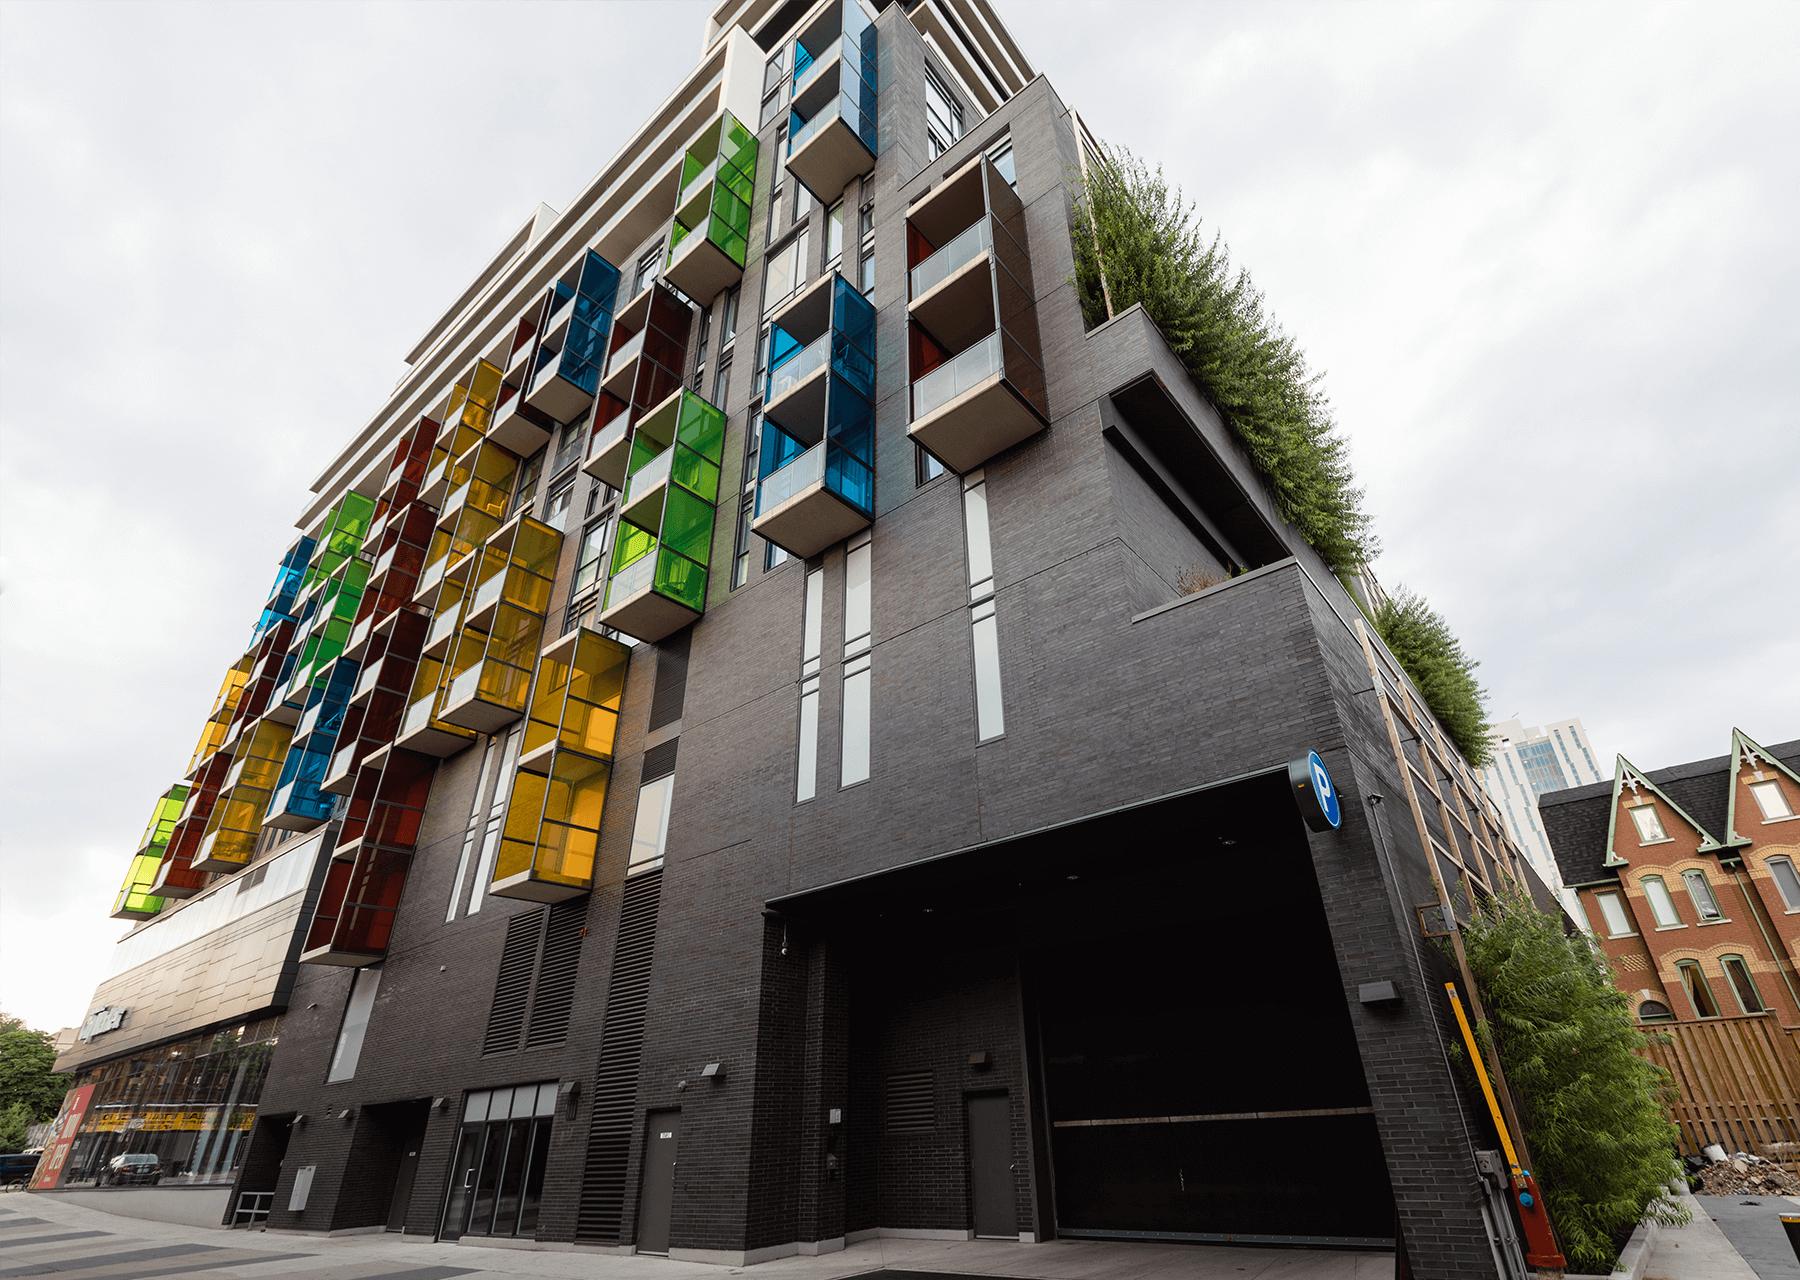 The College Condominium Building